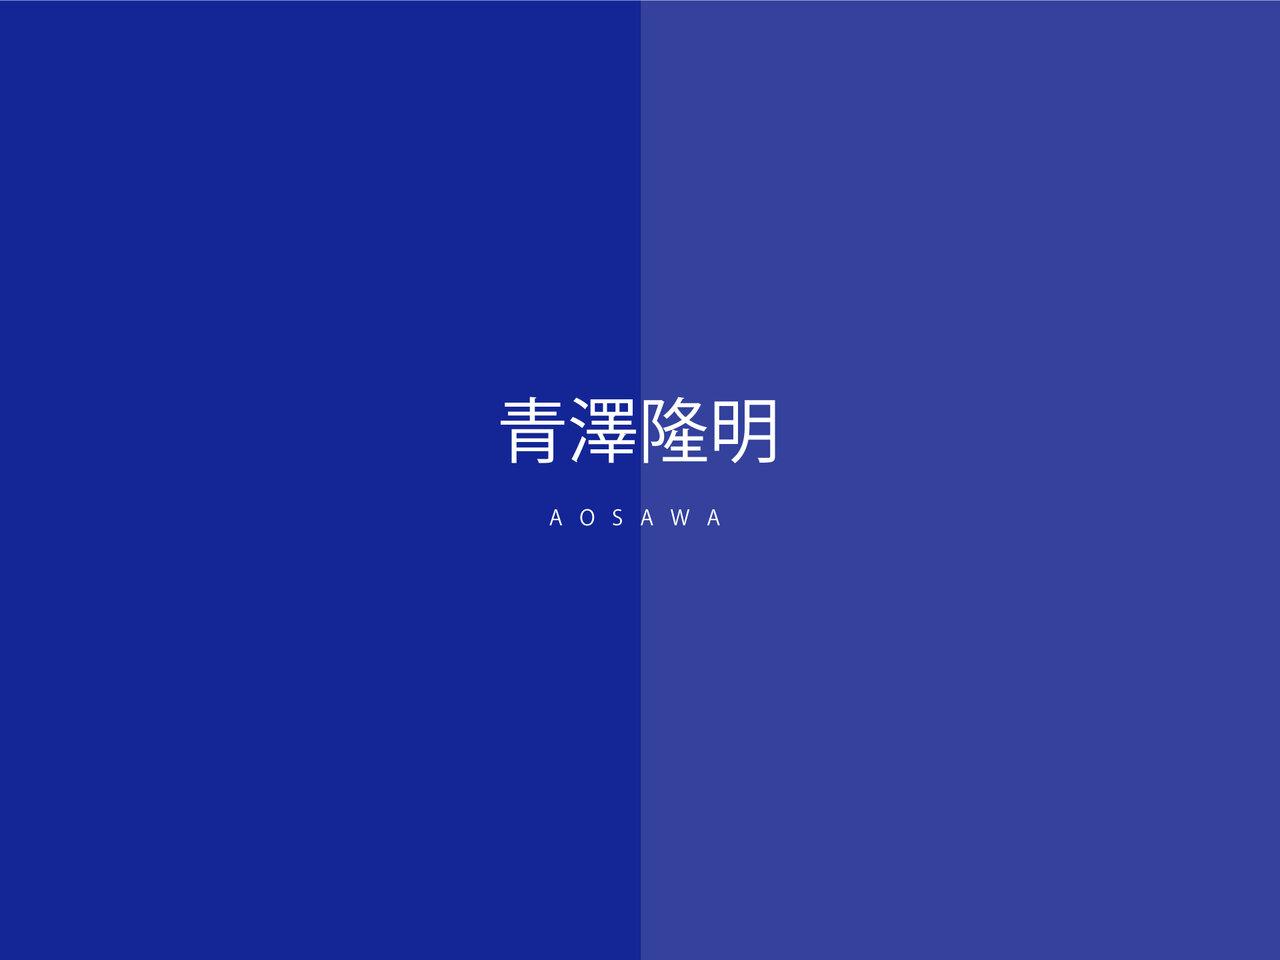 悲愴  月光  熱情 -辻井伸行 サロンコンサート